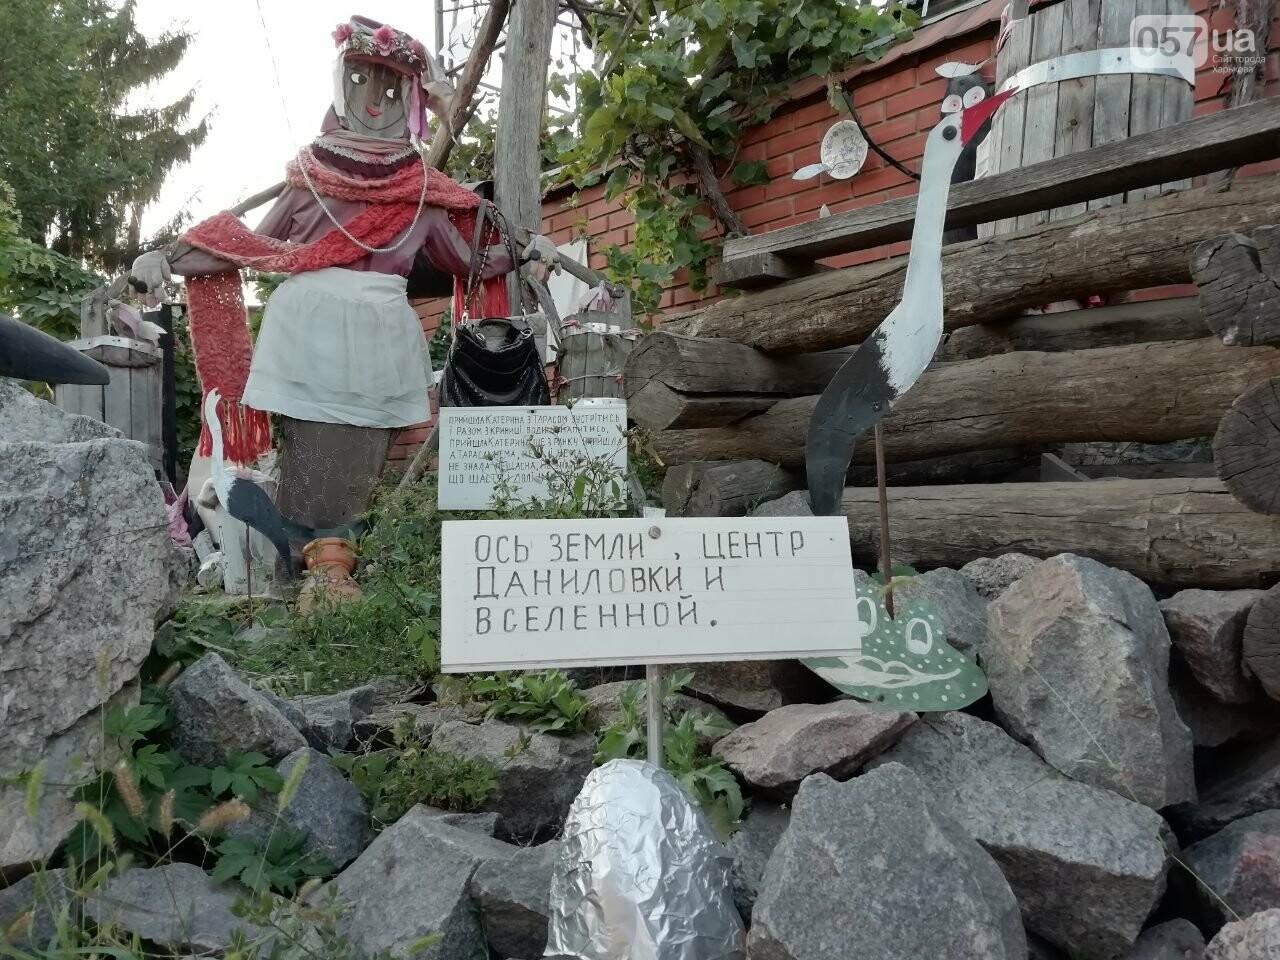 Инопланетные камни и фигуры мистических кукол: фоторепортаж уникальной коллекции харьковчанина, - ФОТО, фото-6